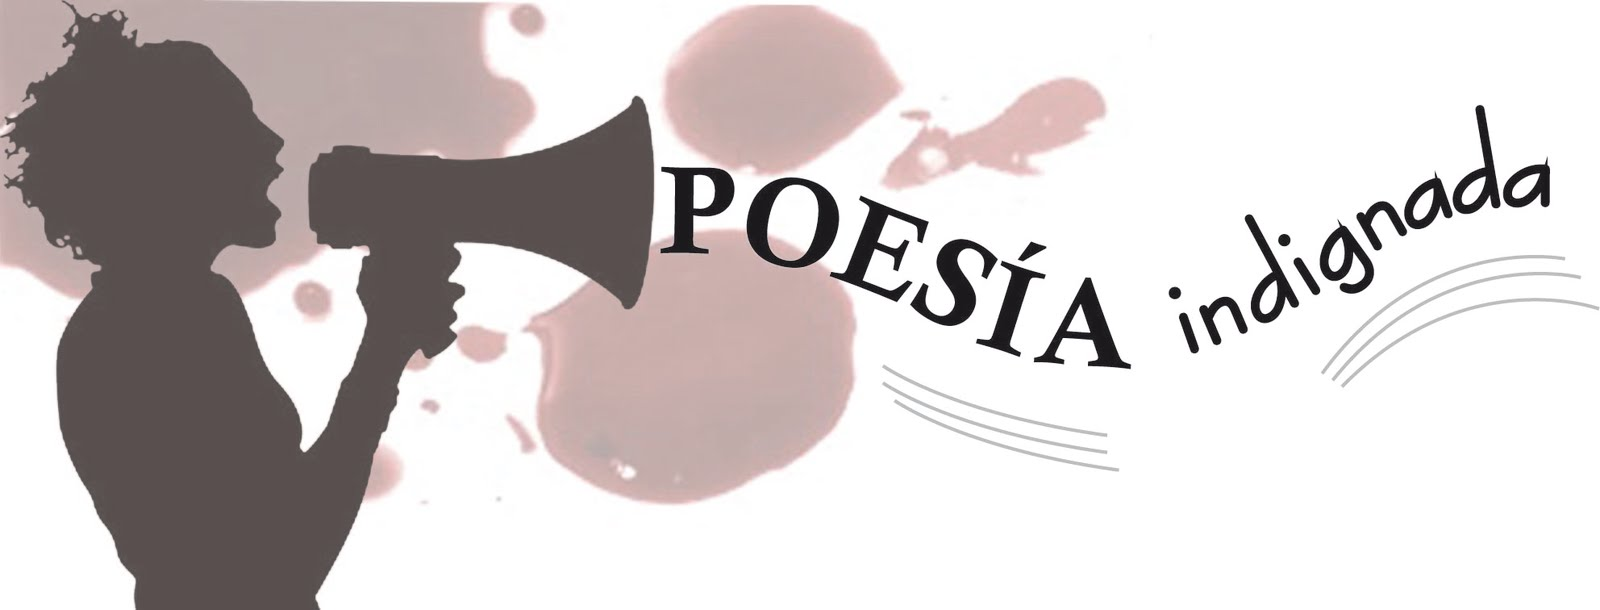 Ante los miles de muertos, Poesía Indignada